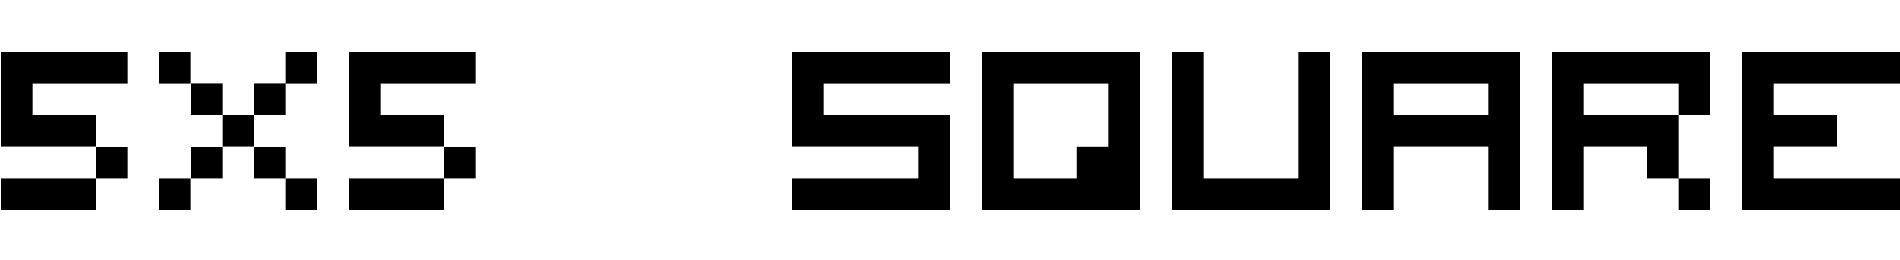 5x5 square